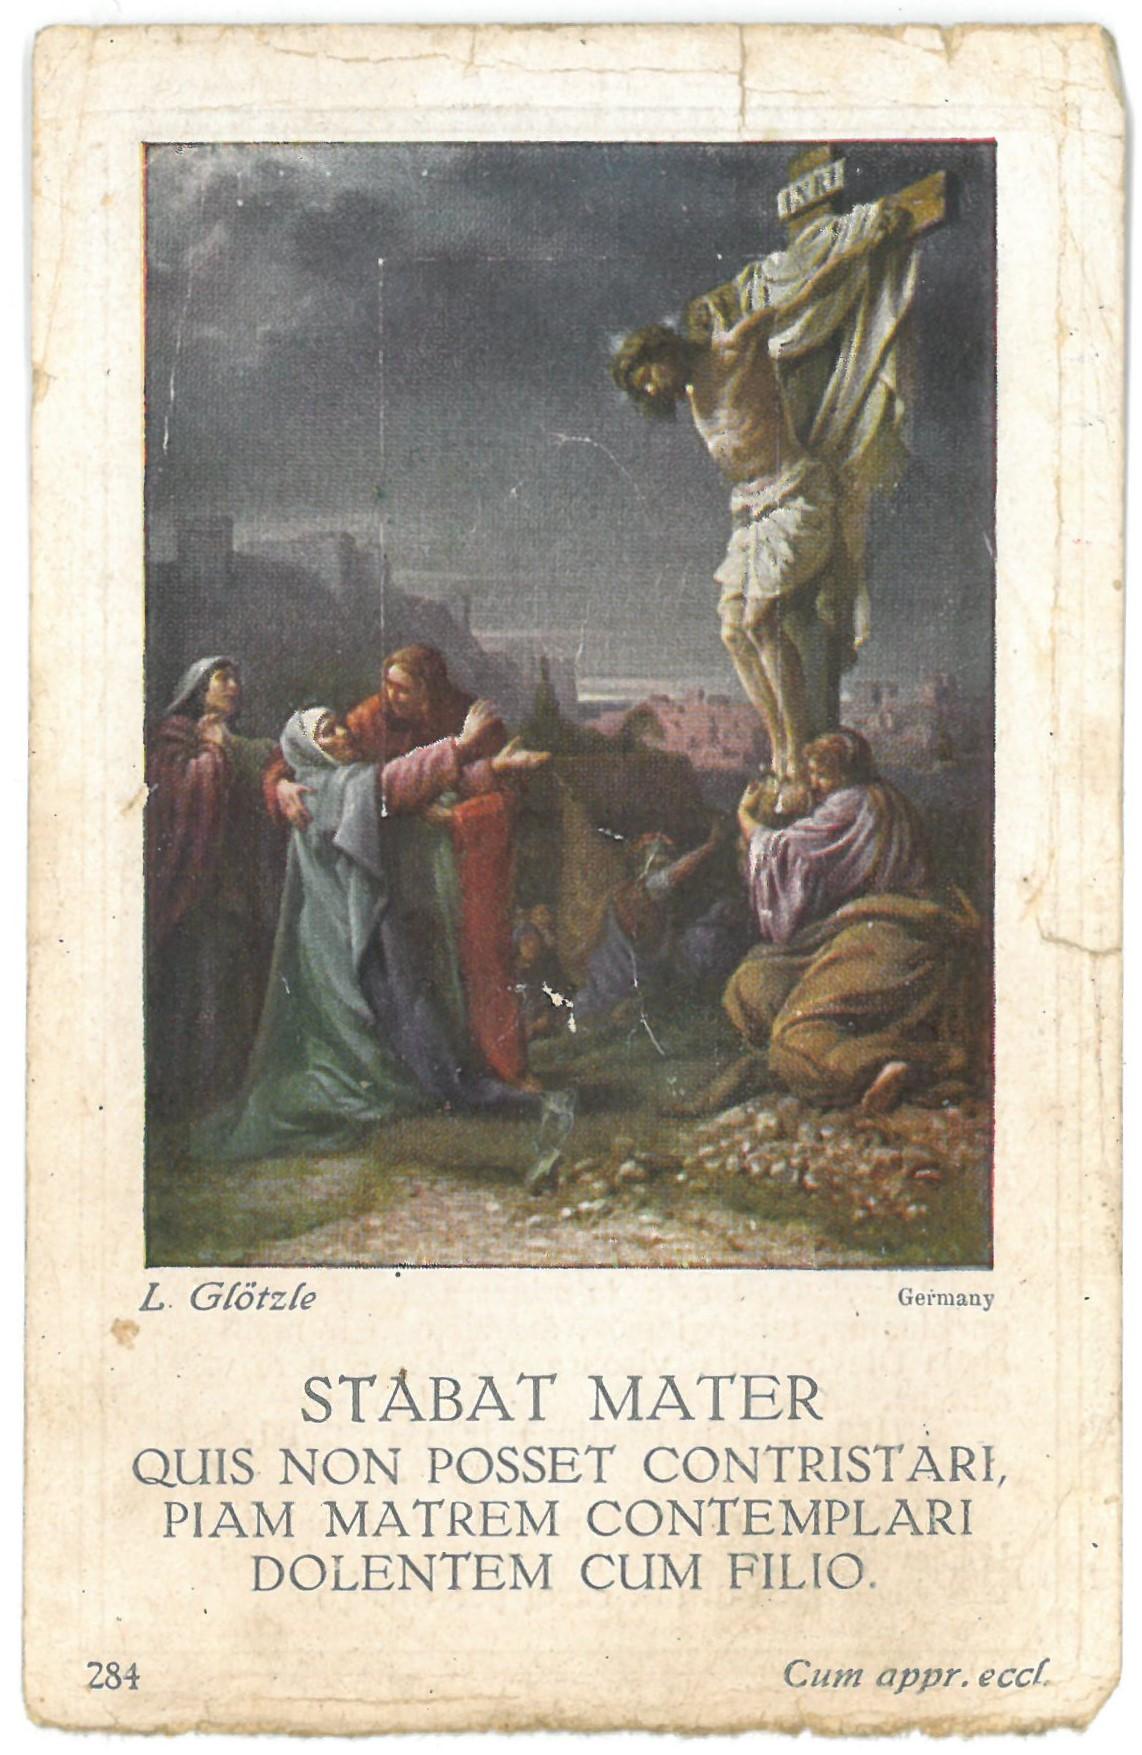 Religinis paveikslėlis. Jam panaudota vokiečių tapytojo Ludwig Glötzle paveikslo kopija